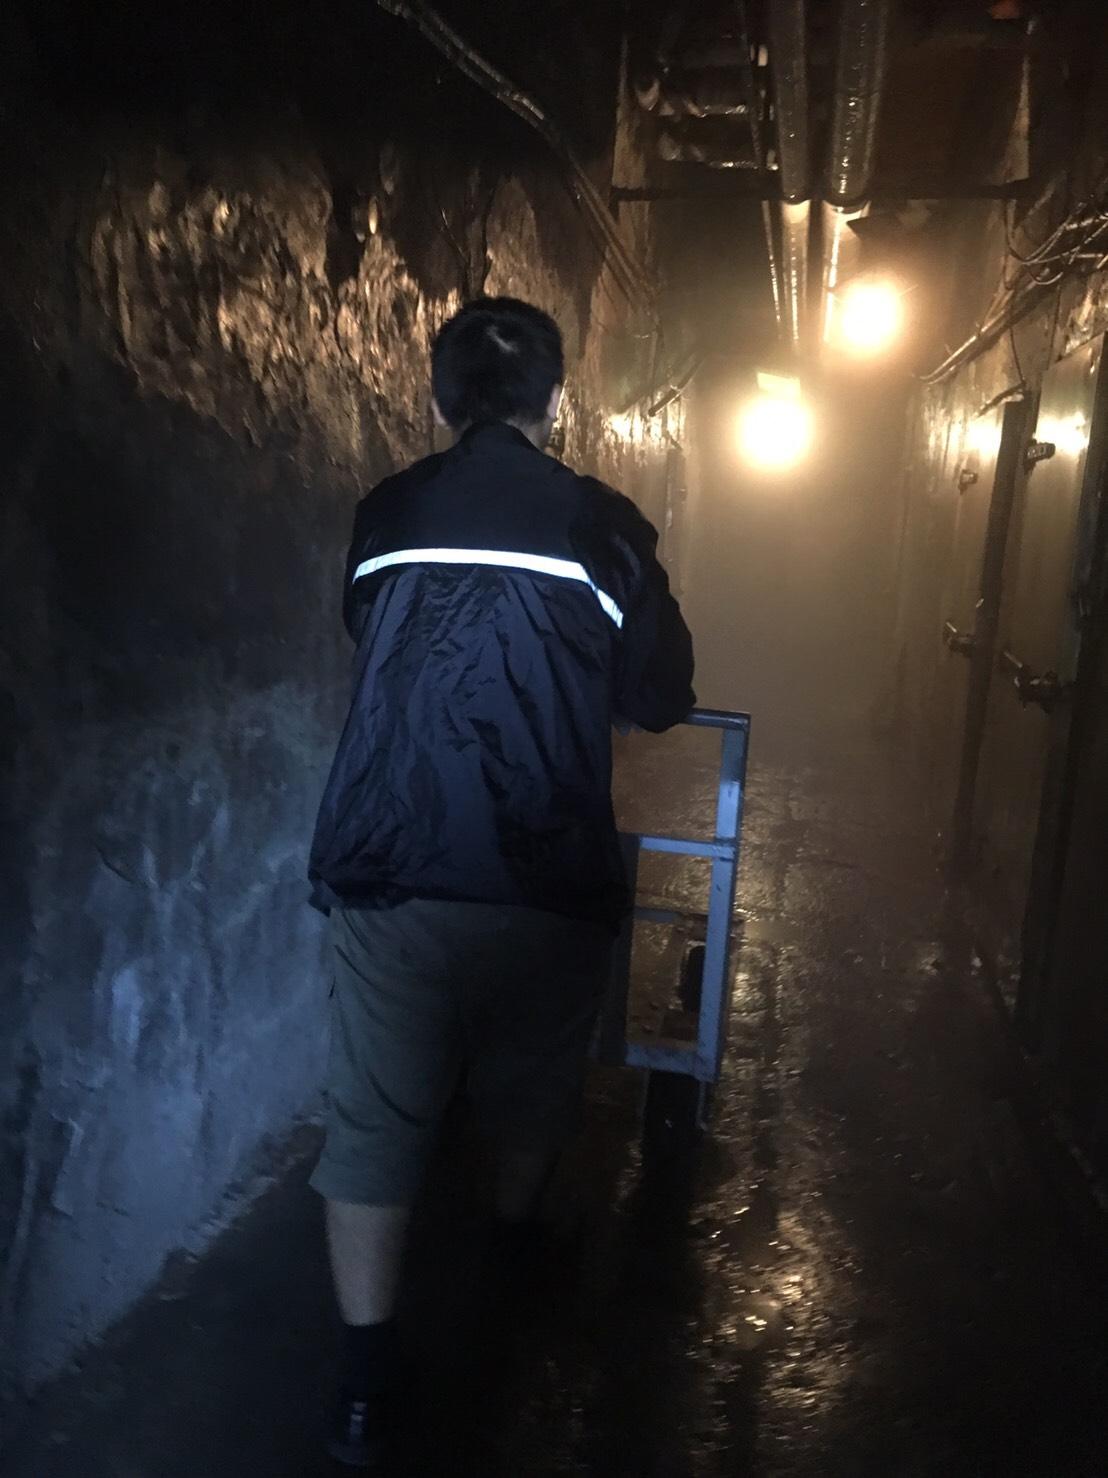 為因應大量冷凍物資,社會局也於三重租借冷凍庫暫時存放